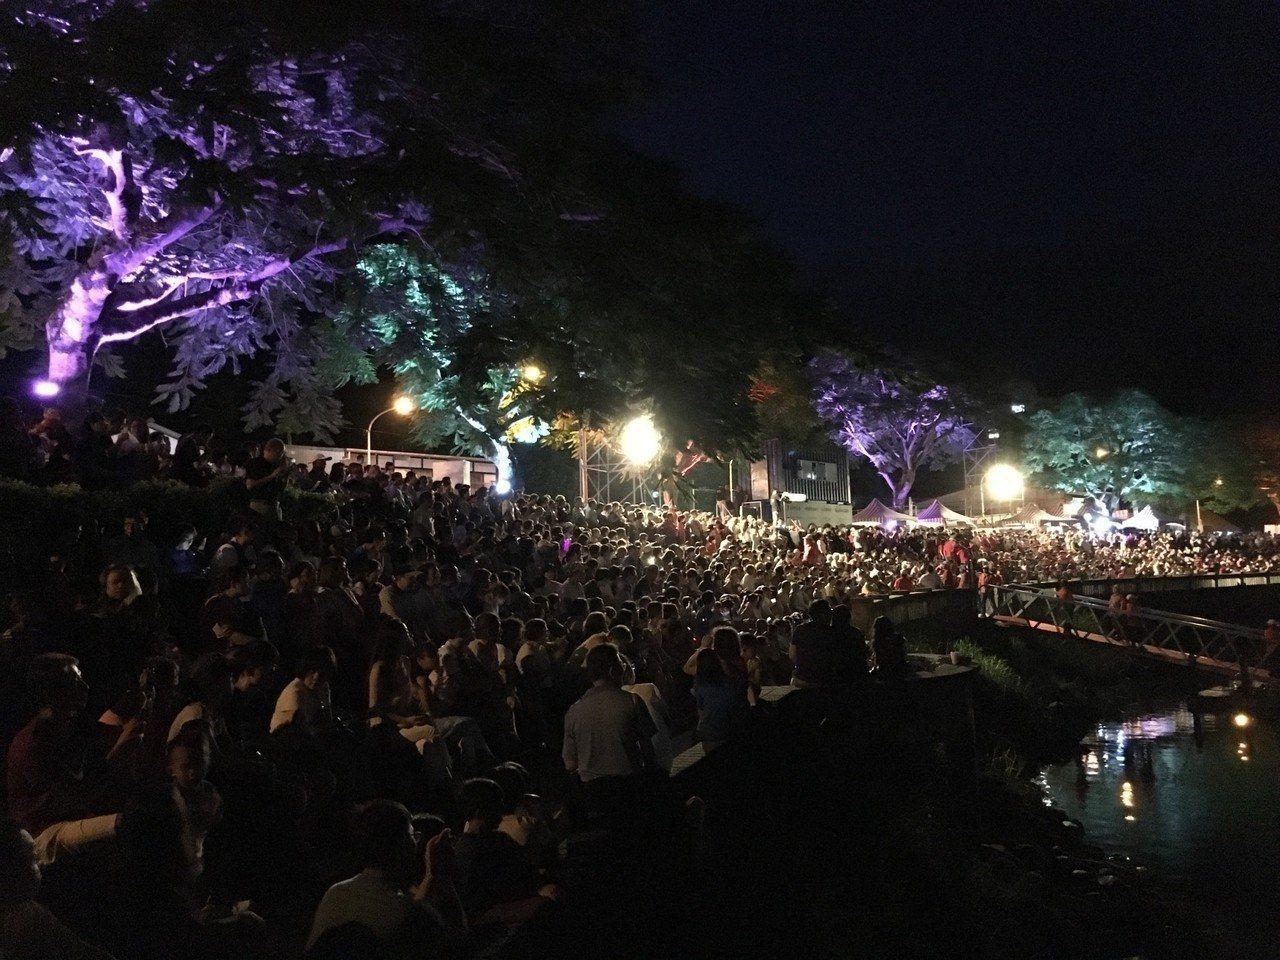 花蓮鯉魚潭畔的「奇萊傳說III」夜之谷水舞劇場,吸引爆滿遊客,看得目不轉睛。圖/...